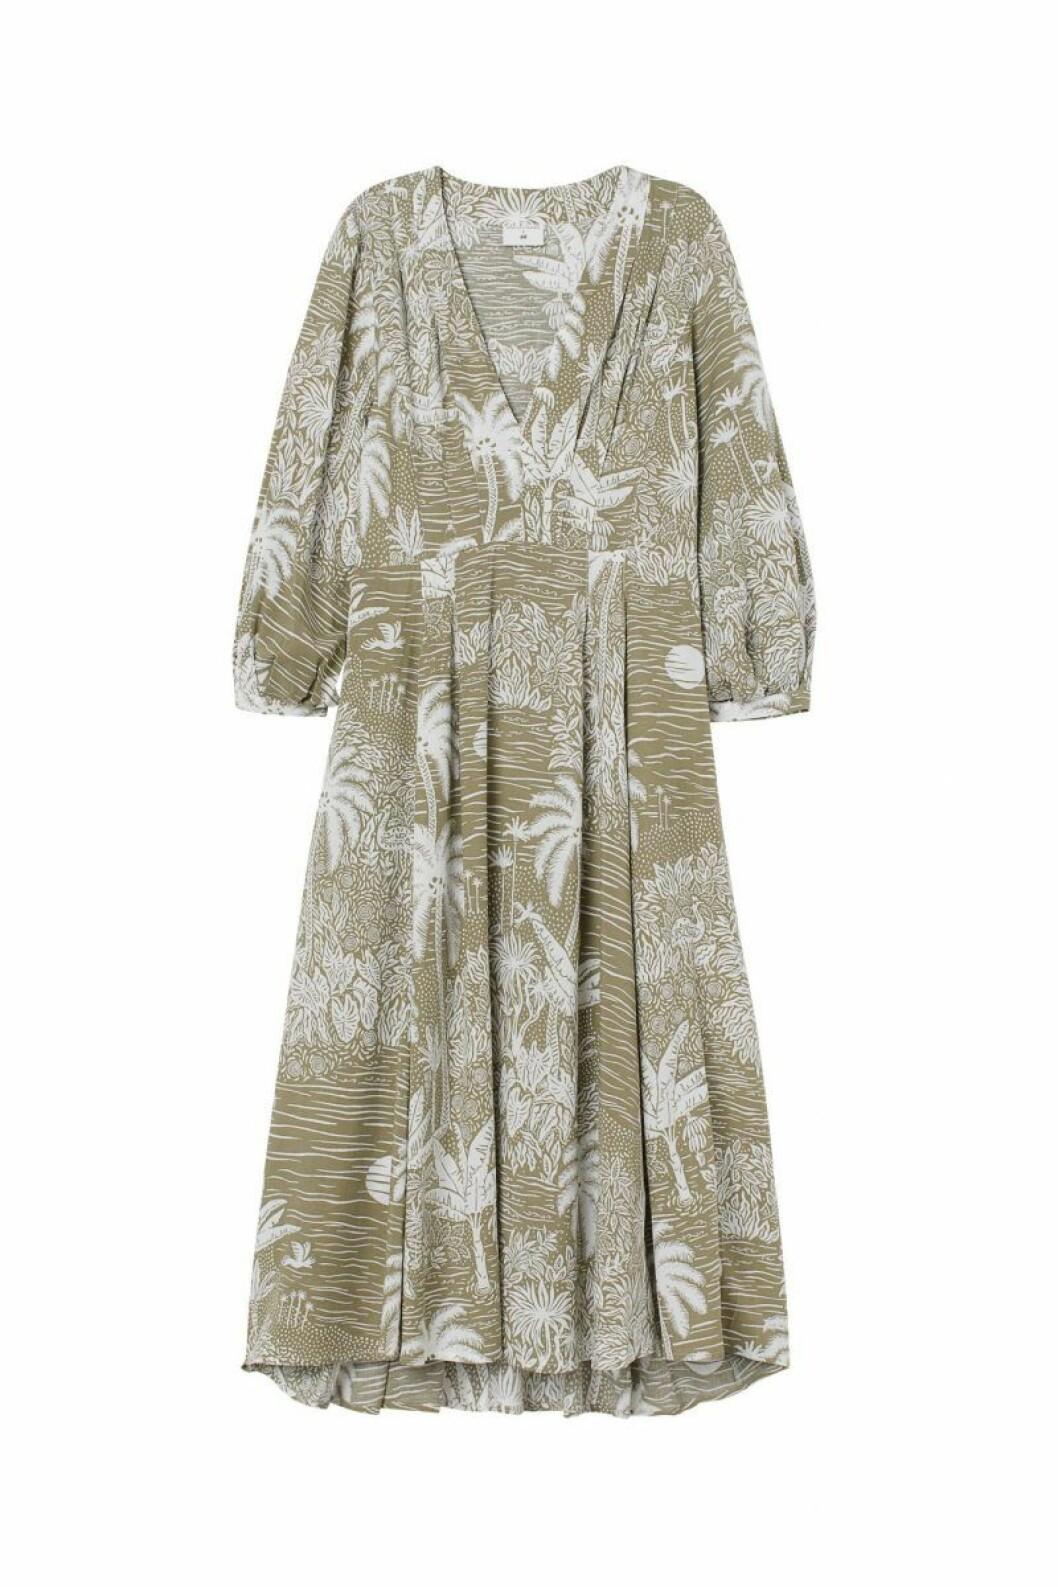 H&M x Desmond & Dempsey sommarkollektion 2020: ljus mönstrad klänning